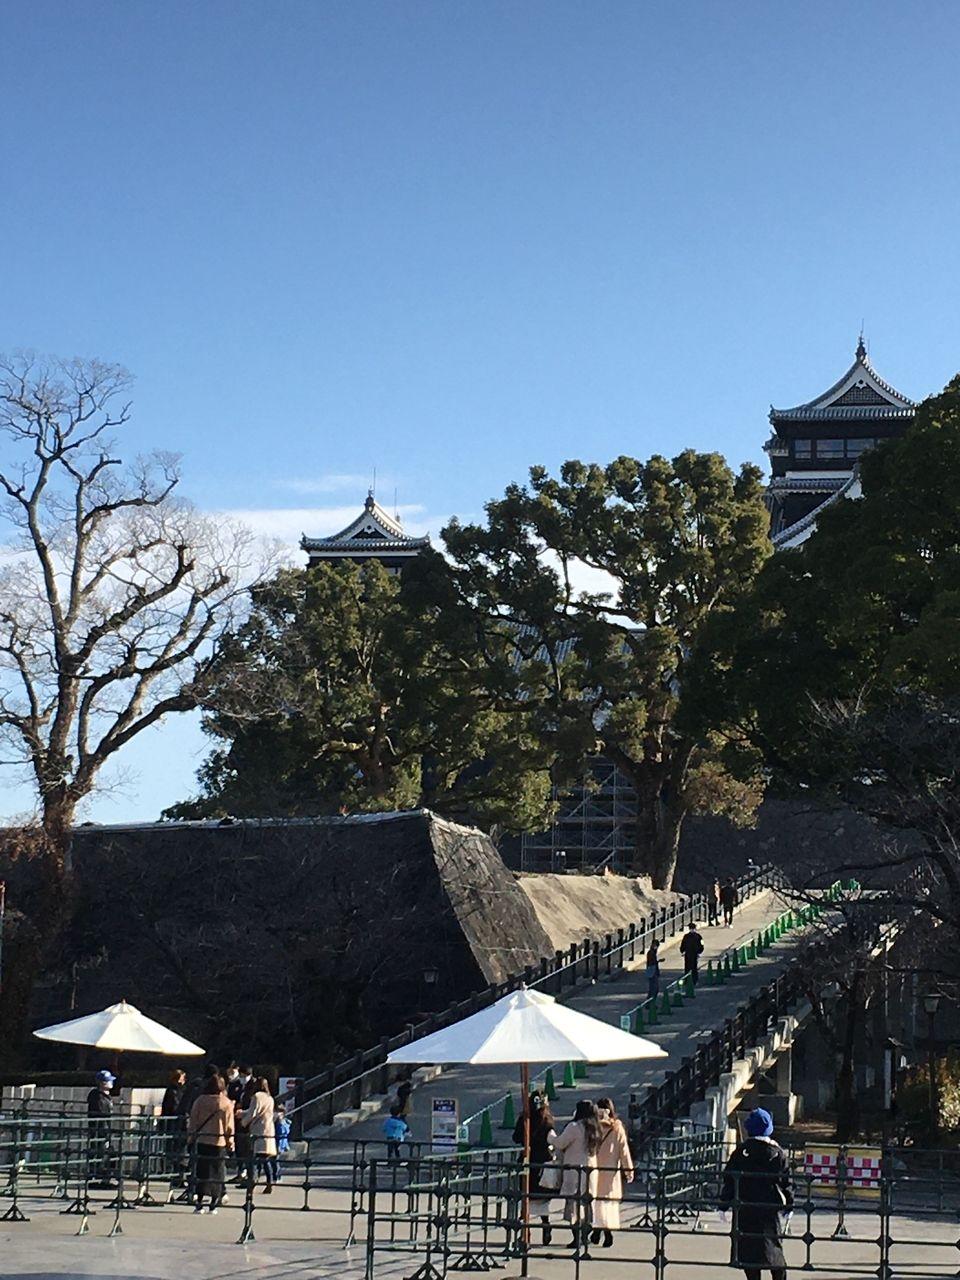 熊本城 特別見学通路から望む天守閣と二の丸